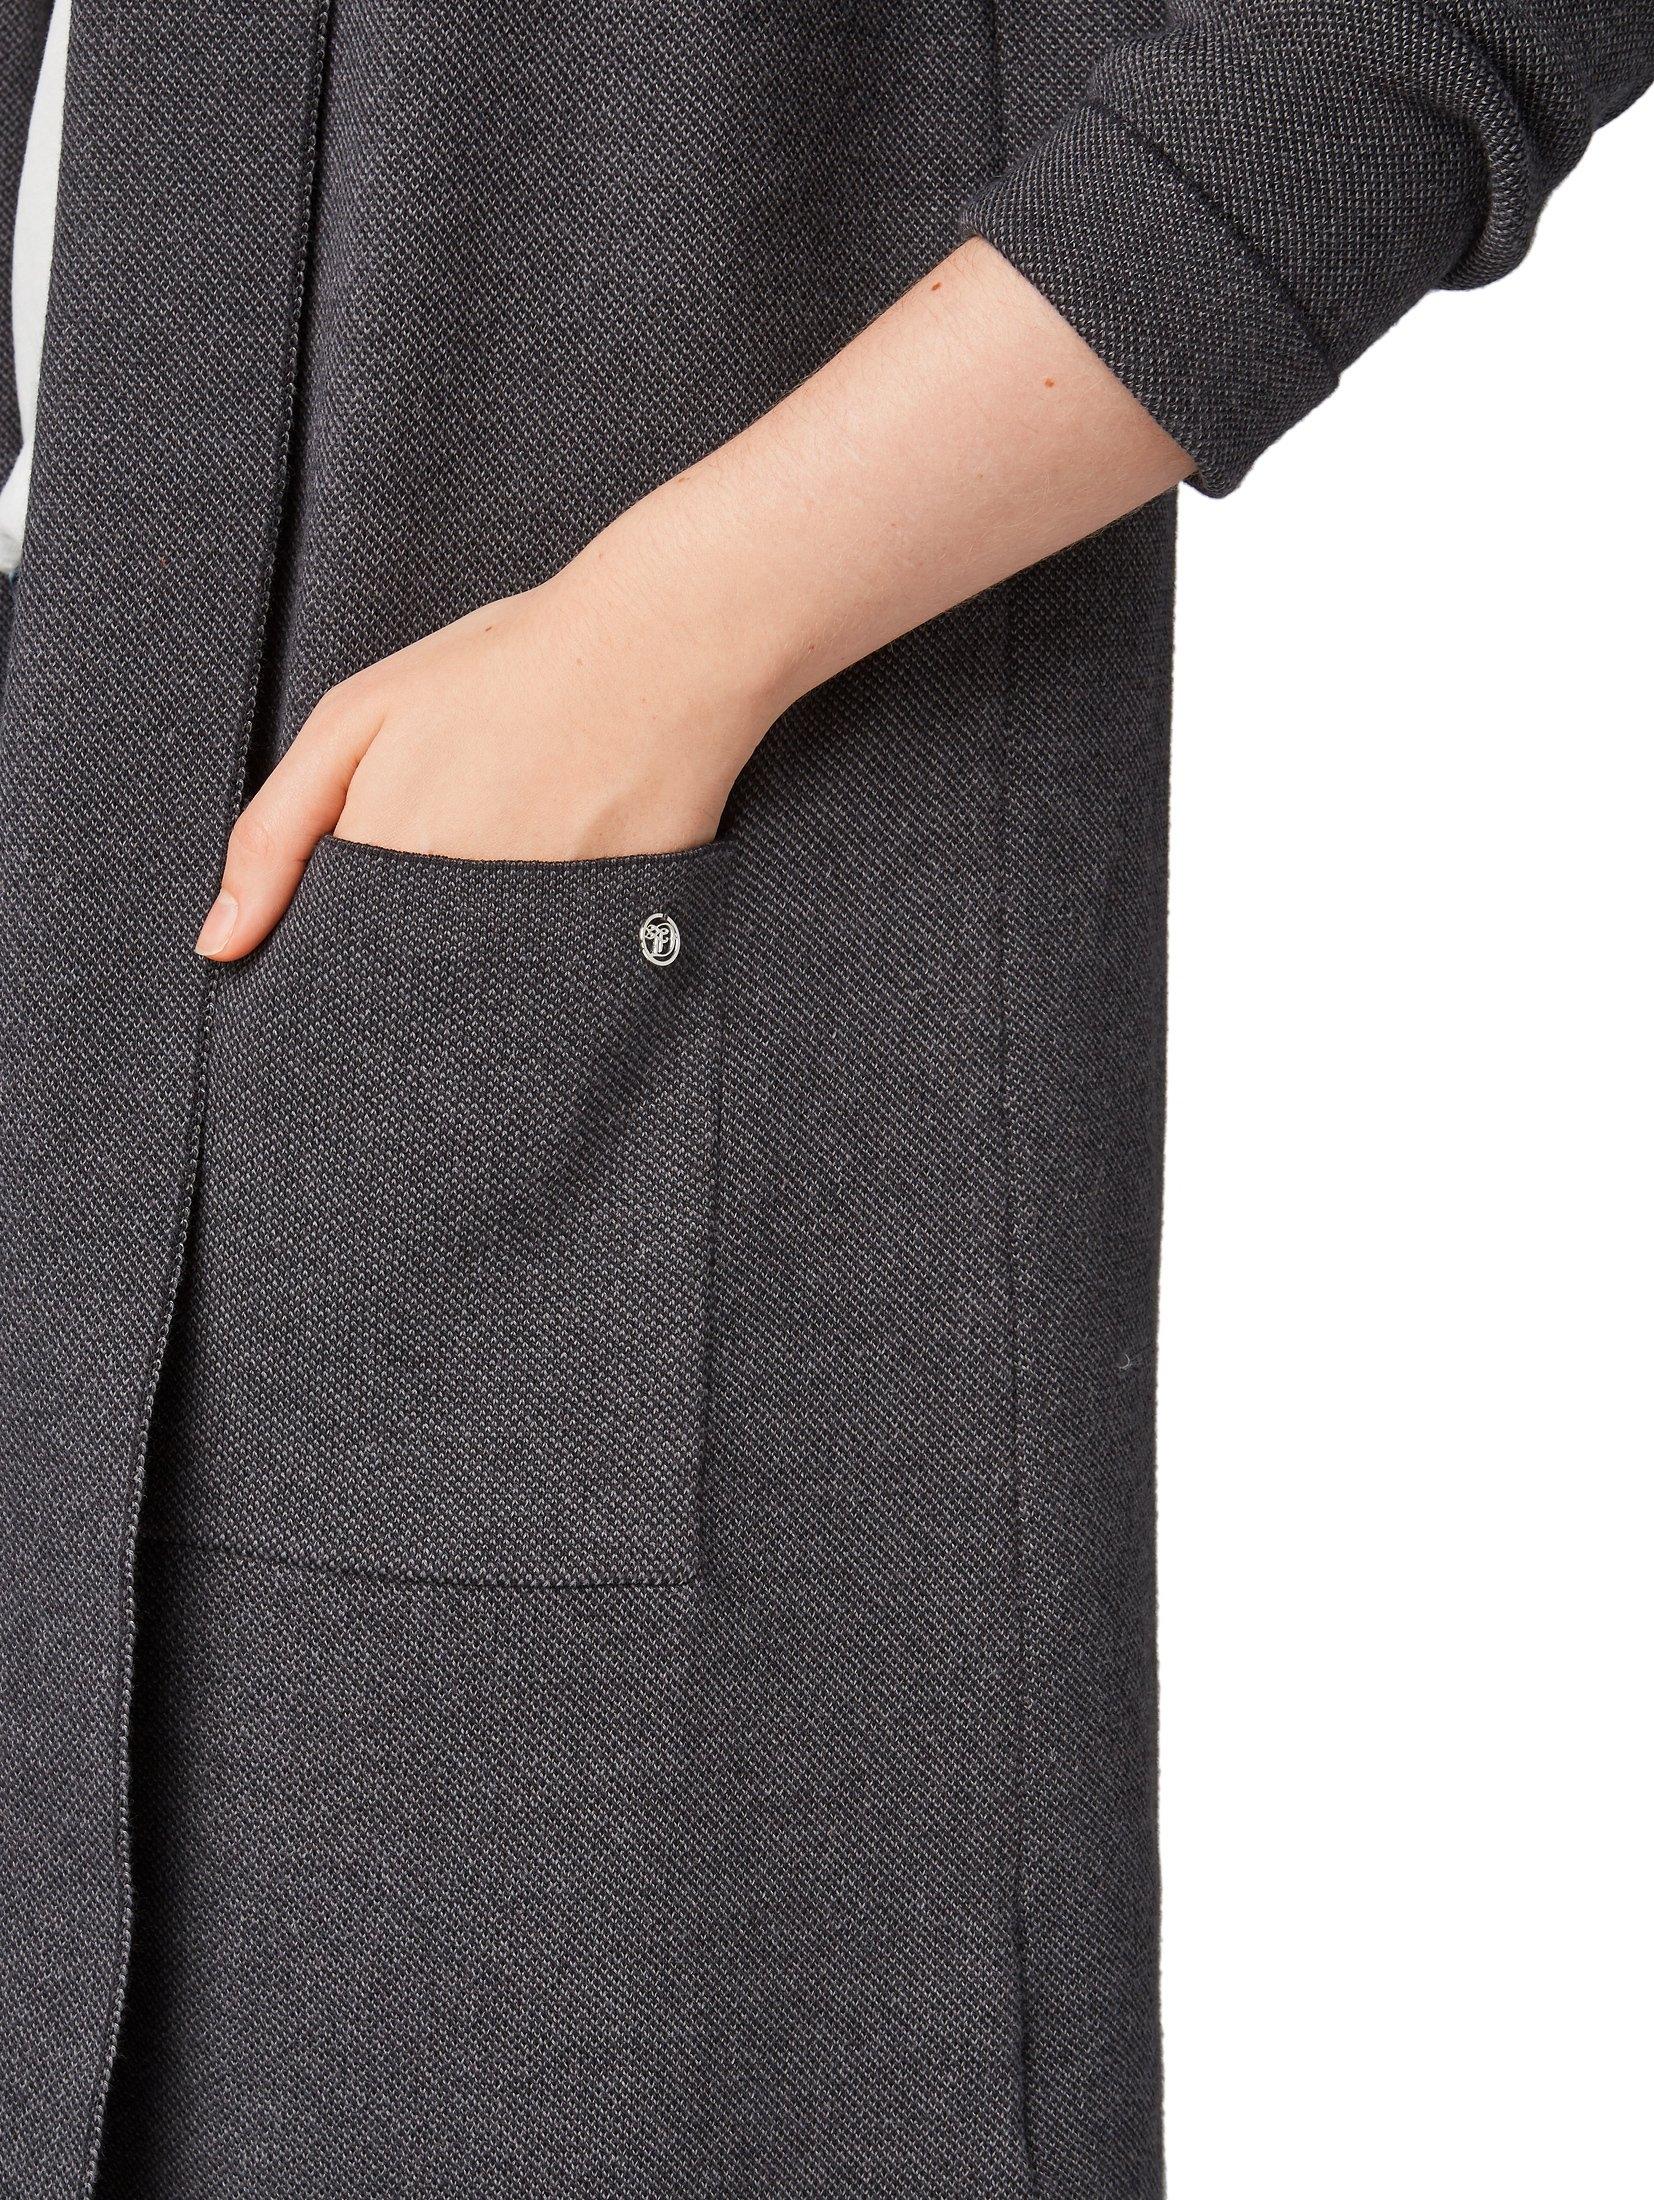 In Tom Mêlee De look Online Tailor Denim Cardigancardigan Winkel OwkPZiuTlX